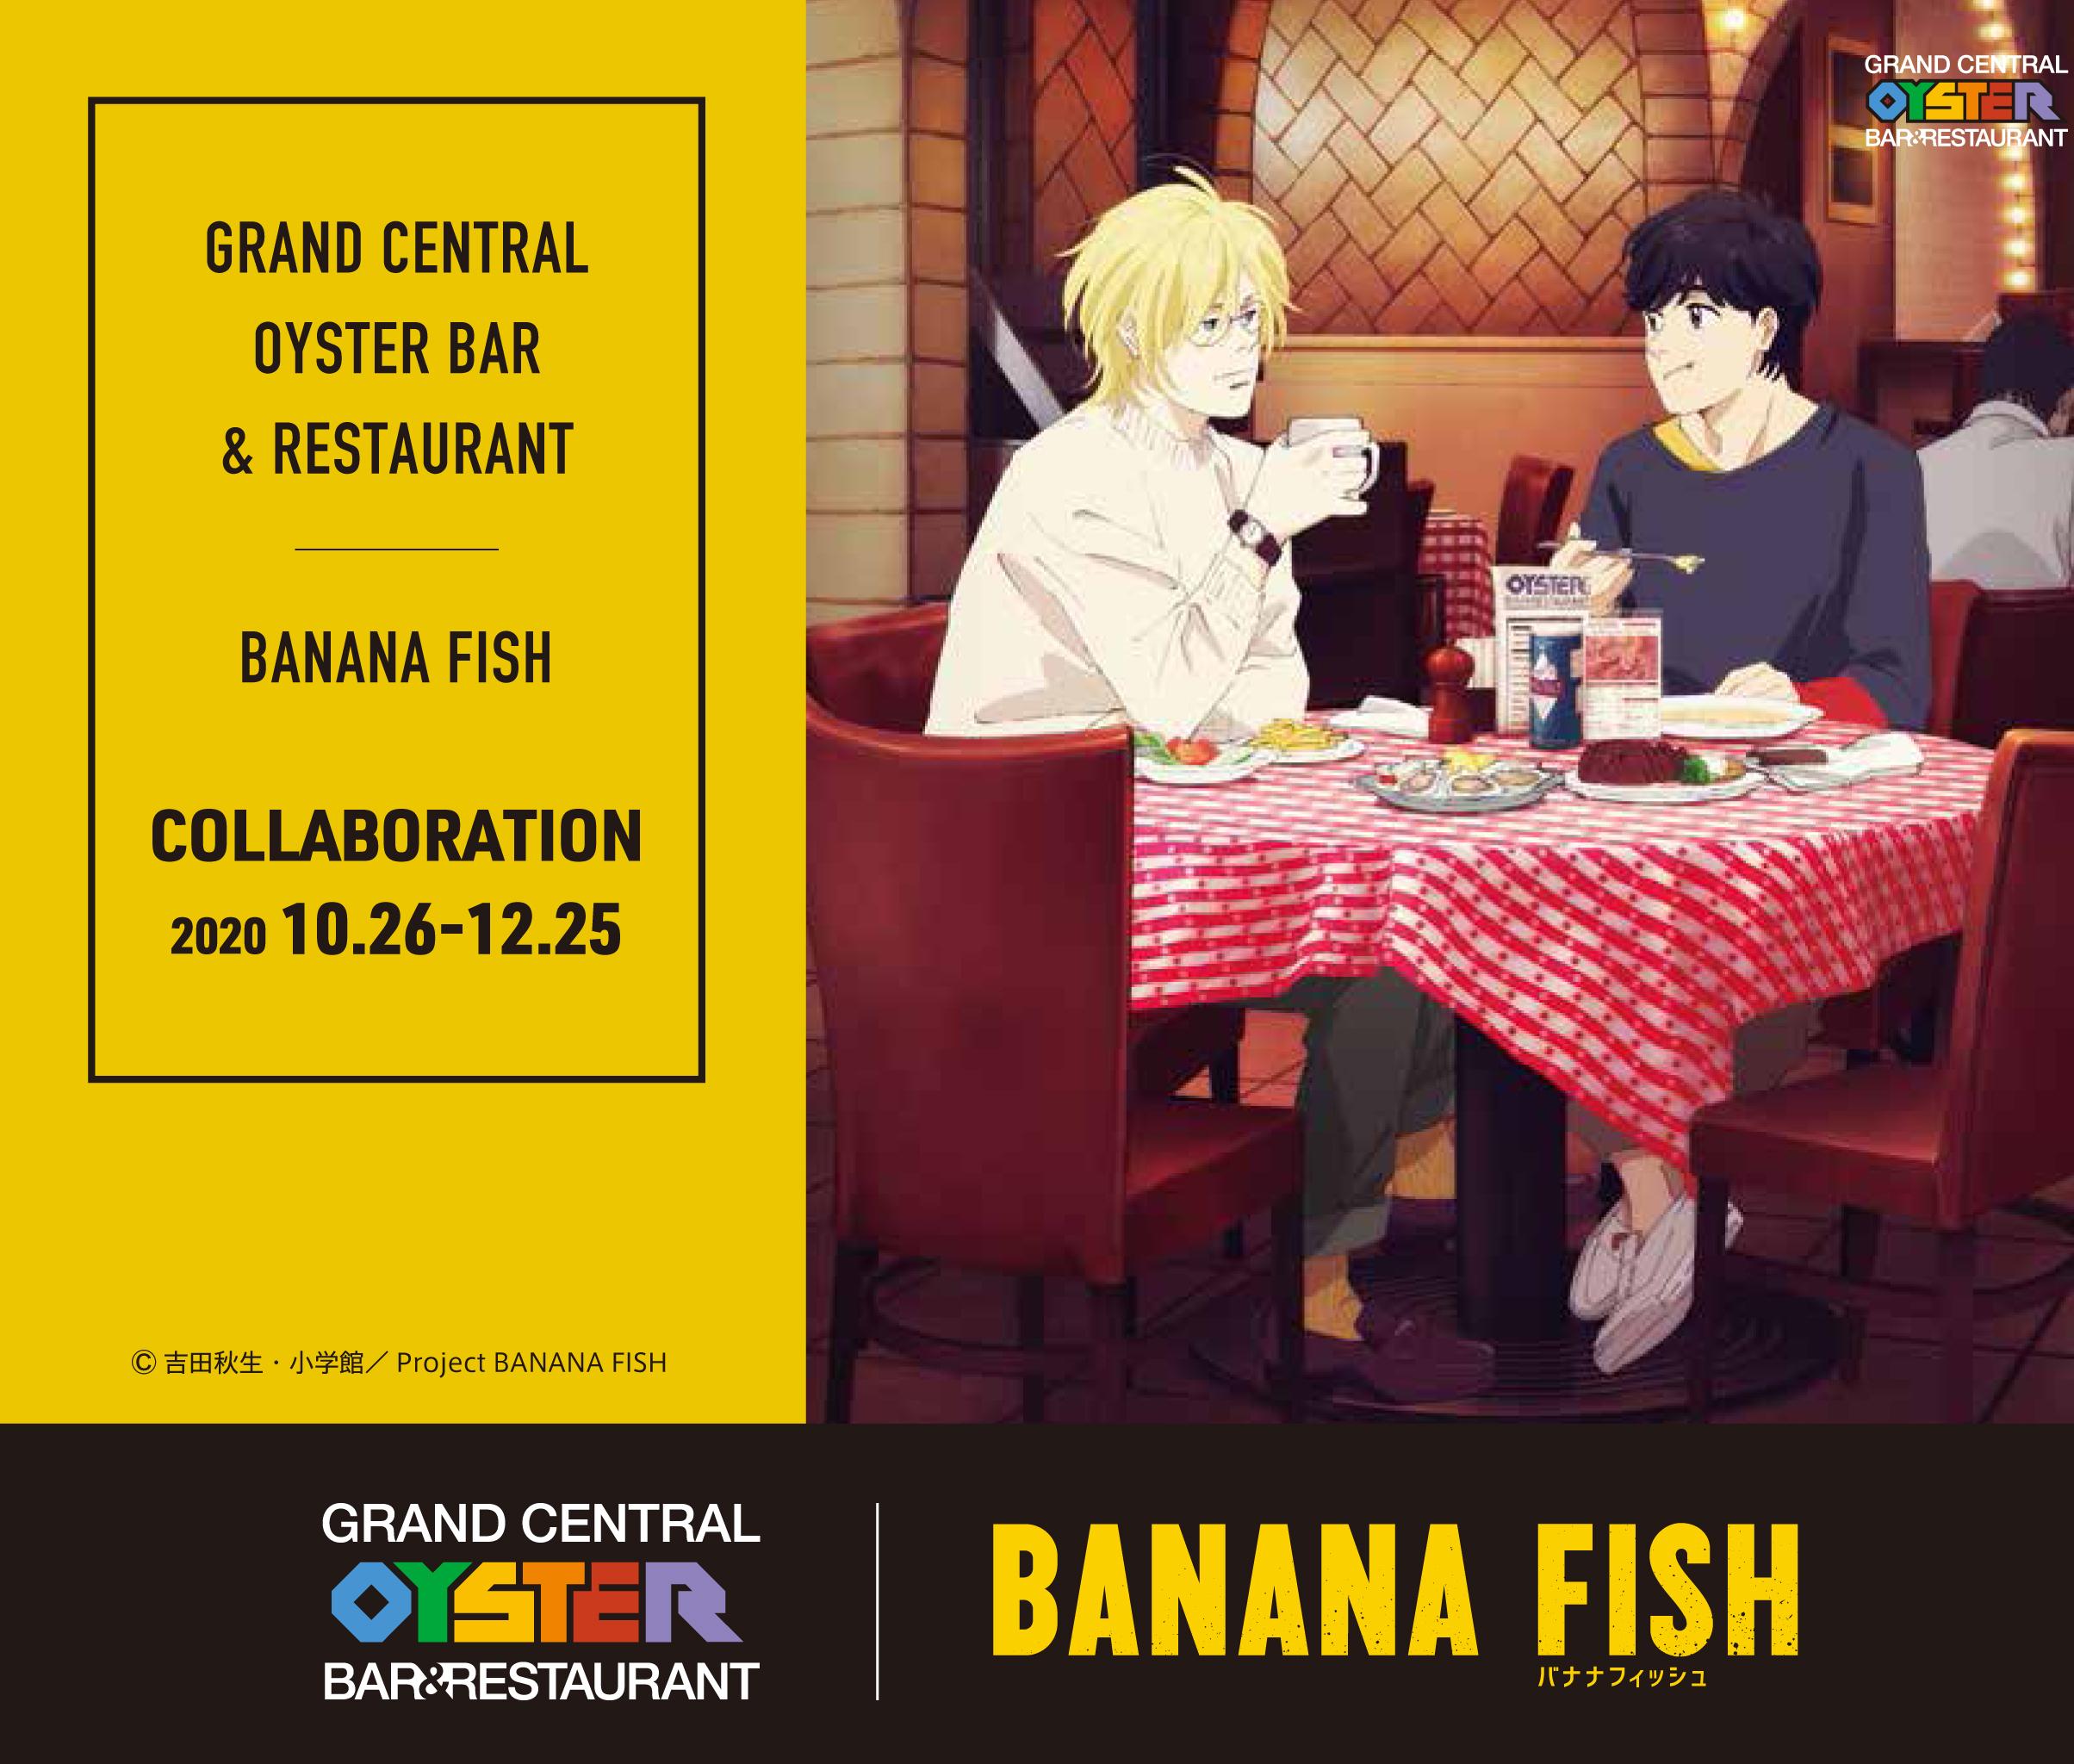 『BANANA FISH』アニメに登場したレストランとのコラボ開催決定!食事シーンを再現したコース&カクテルが登場